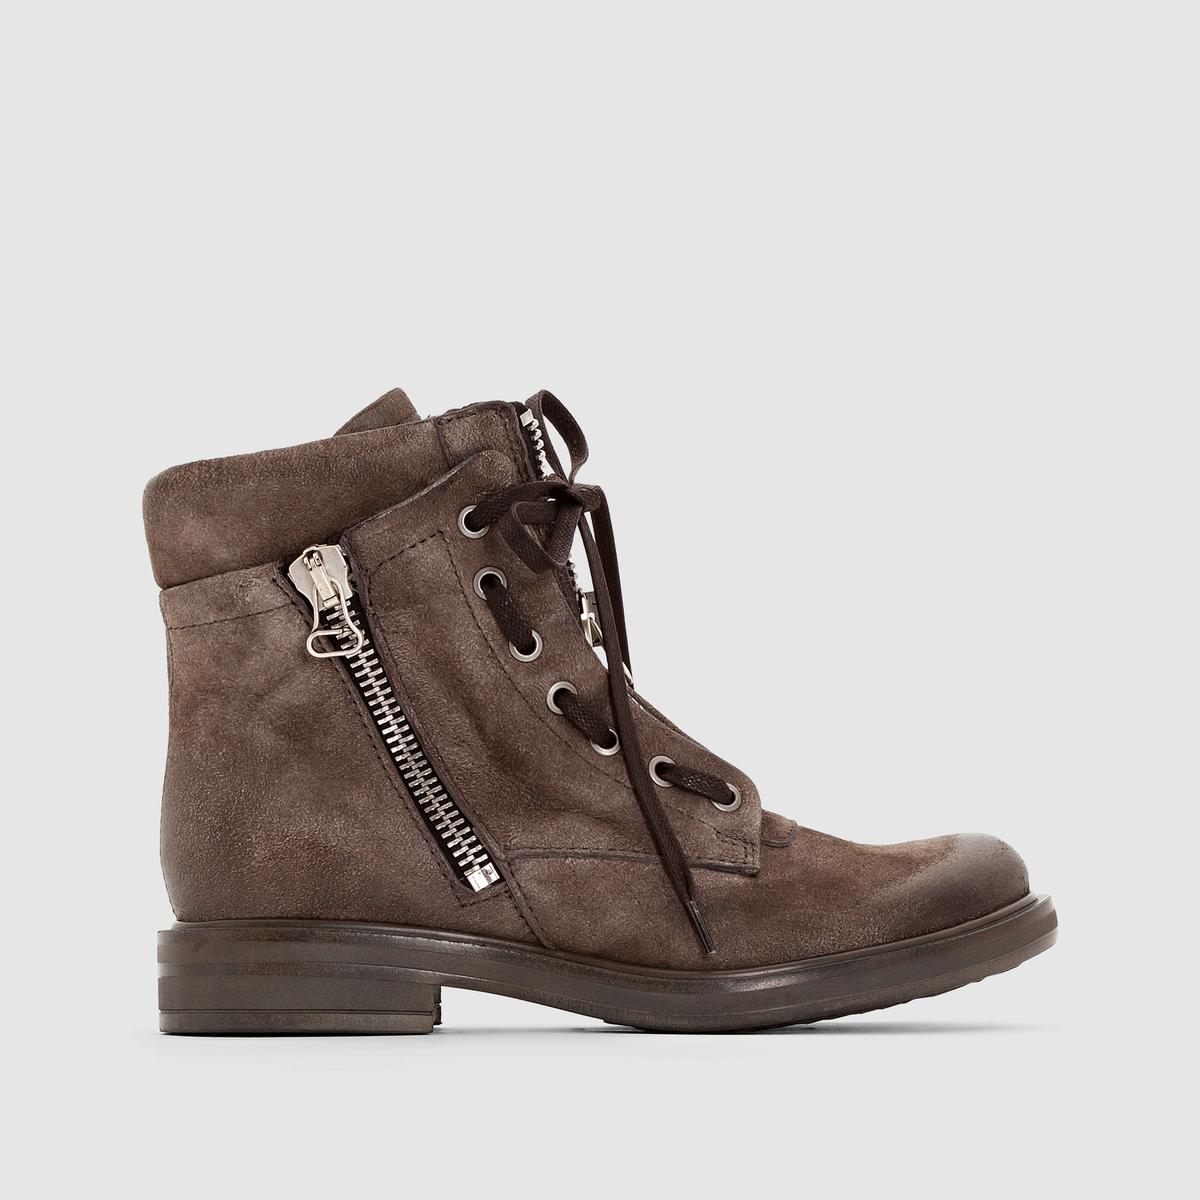 Сапоги из кожи MJUS CAFEПреимущества : сапоги MJUS на шнуровке и с металлическими люверсами, на молнии сбоку и с оригинальной лангеткой на молнии  . В духе нео-ретро  .<br><br>Цвет: серо-коричневый<br>Размер: 39